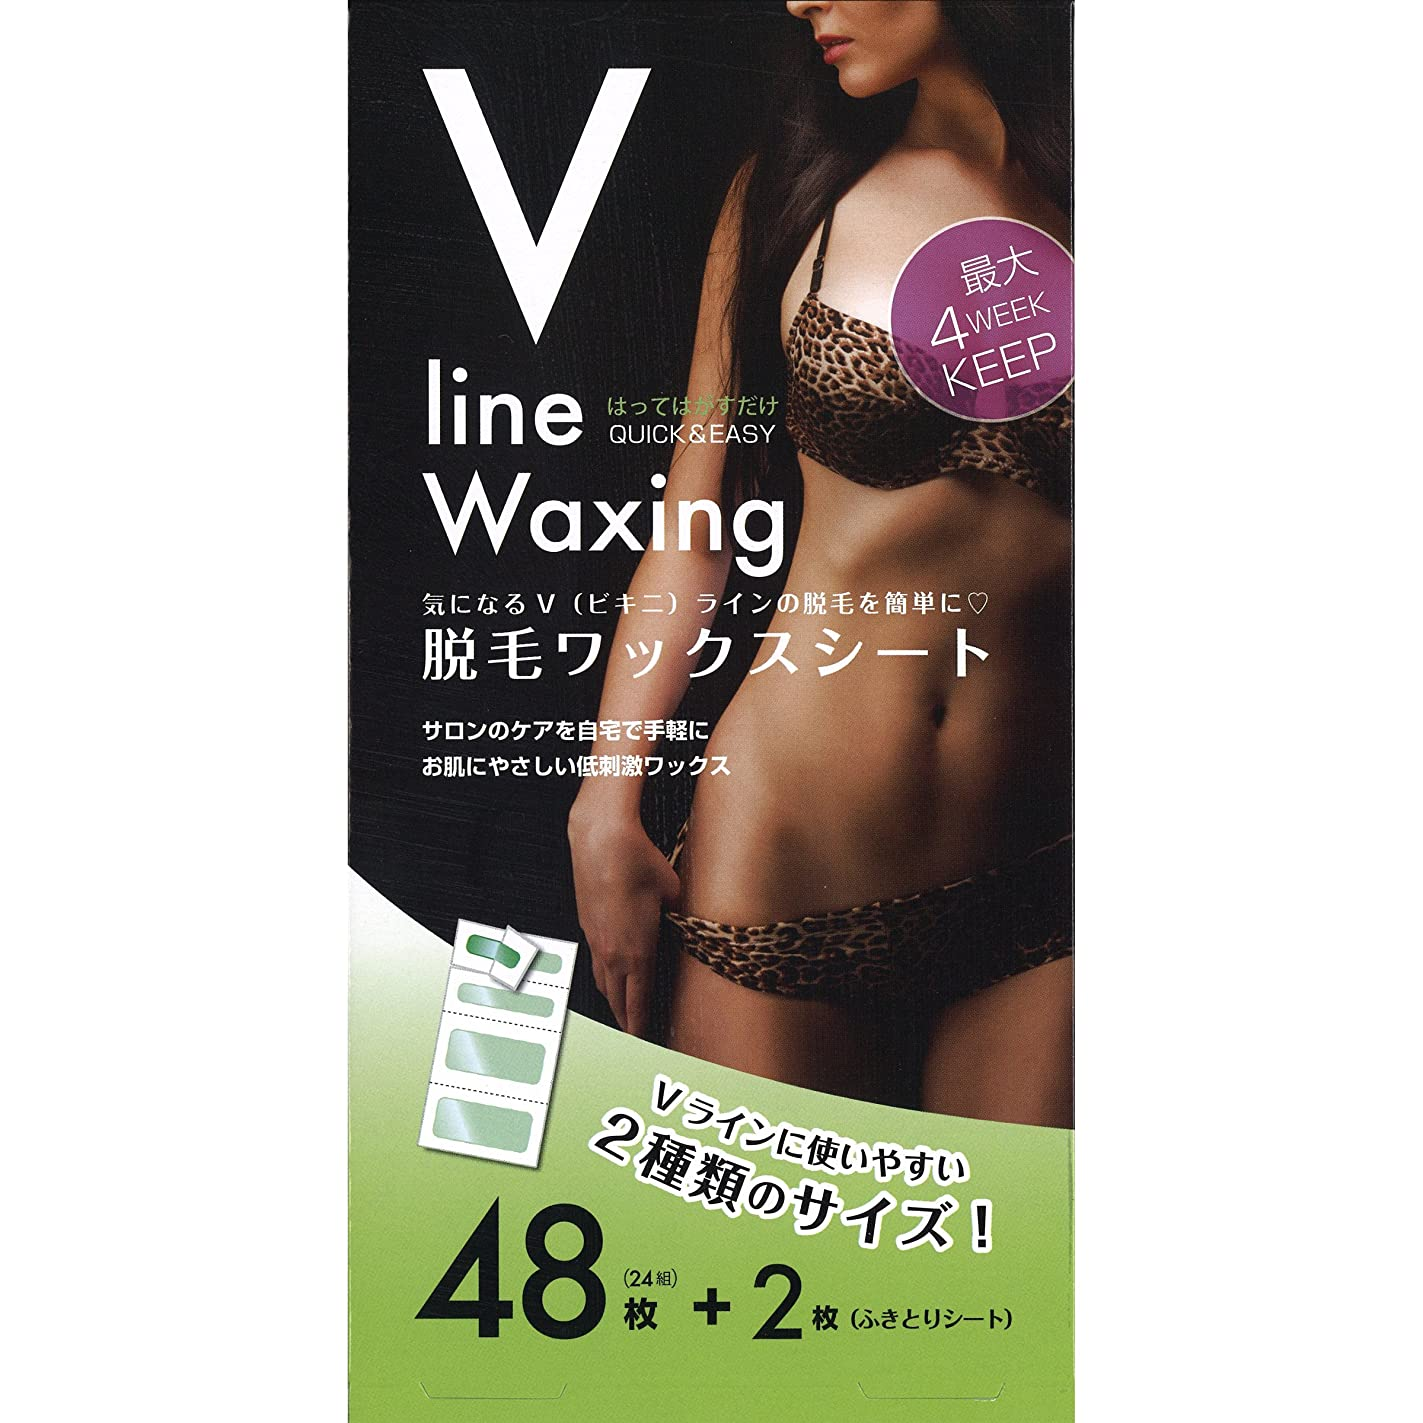 食料品店持つ排他的気になるVラインの脱毛を簡単に Vライン Waxing